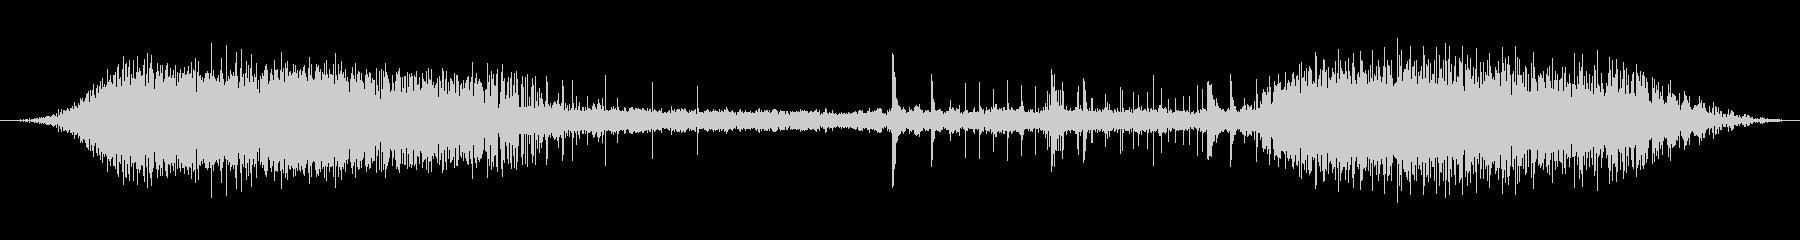 サーカスの拍手0-30の未再生の波形